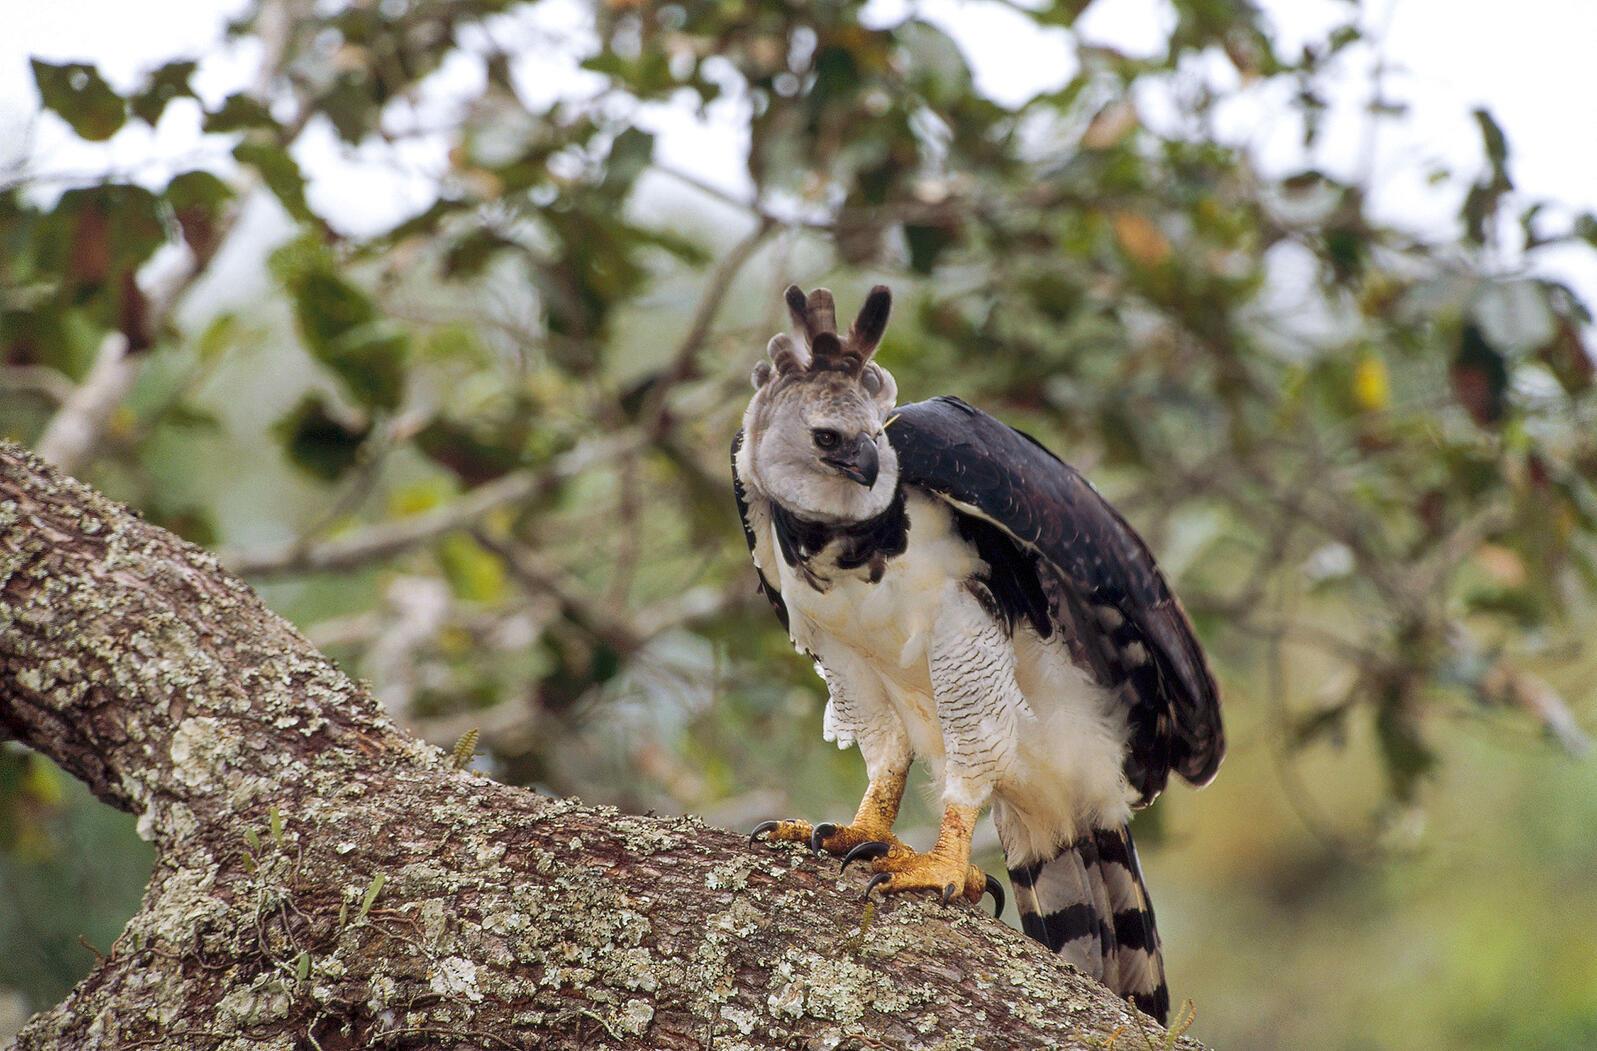 Harpy Eagle. Tui De Roy/Minden Pictures